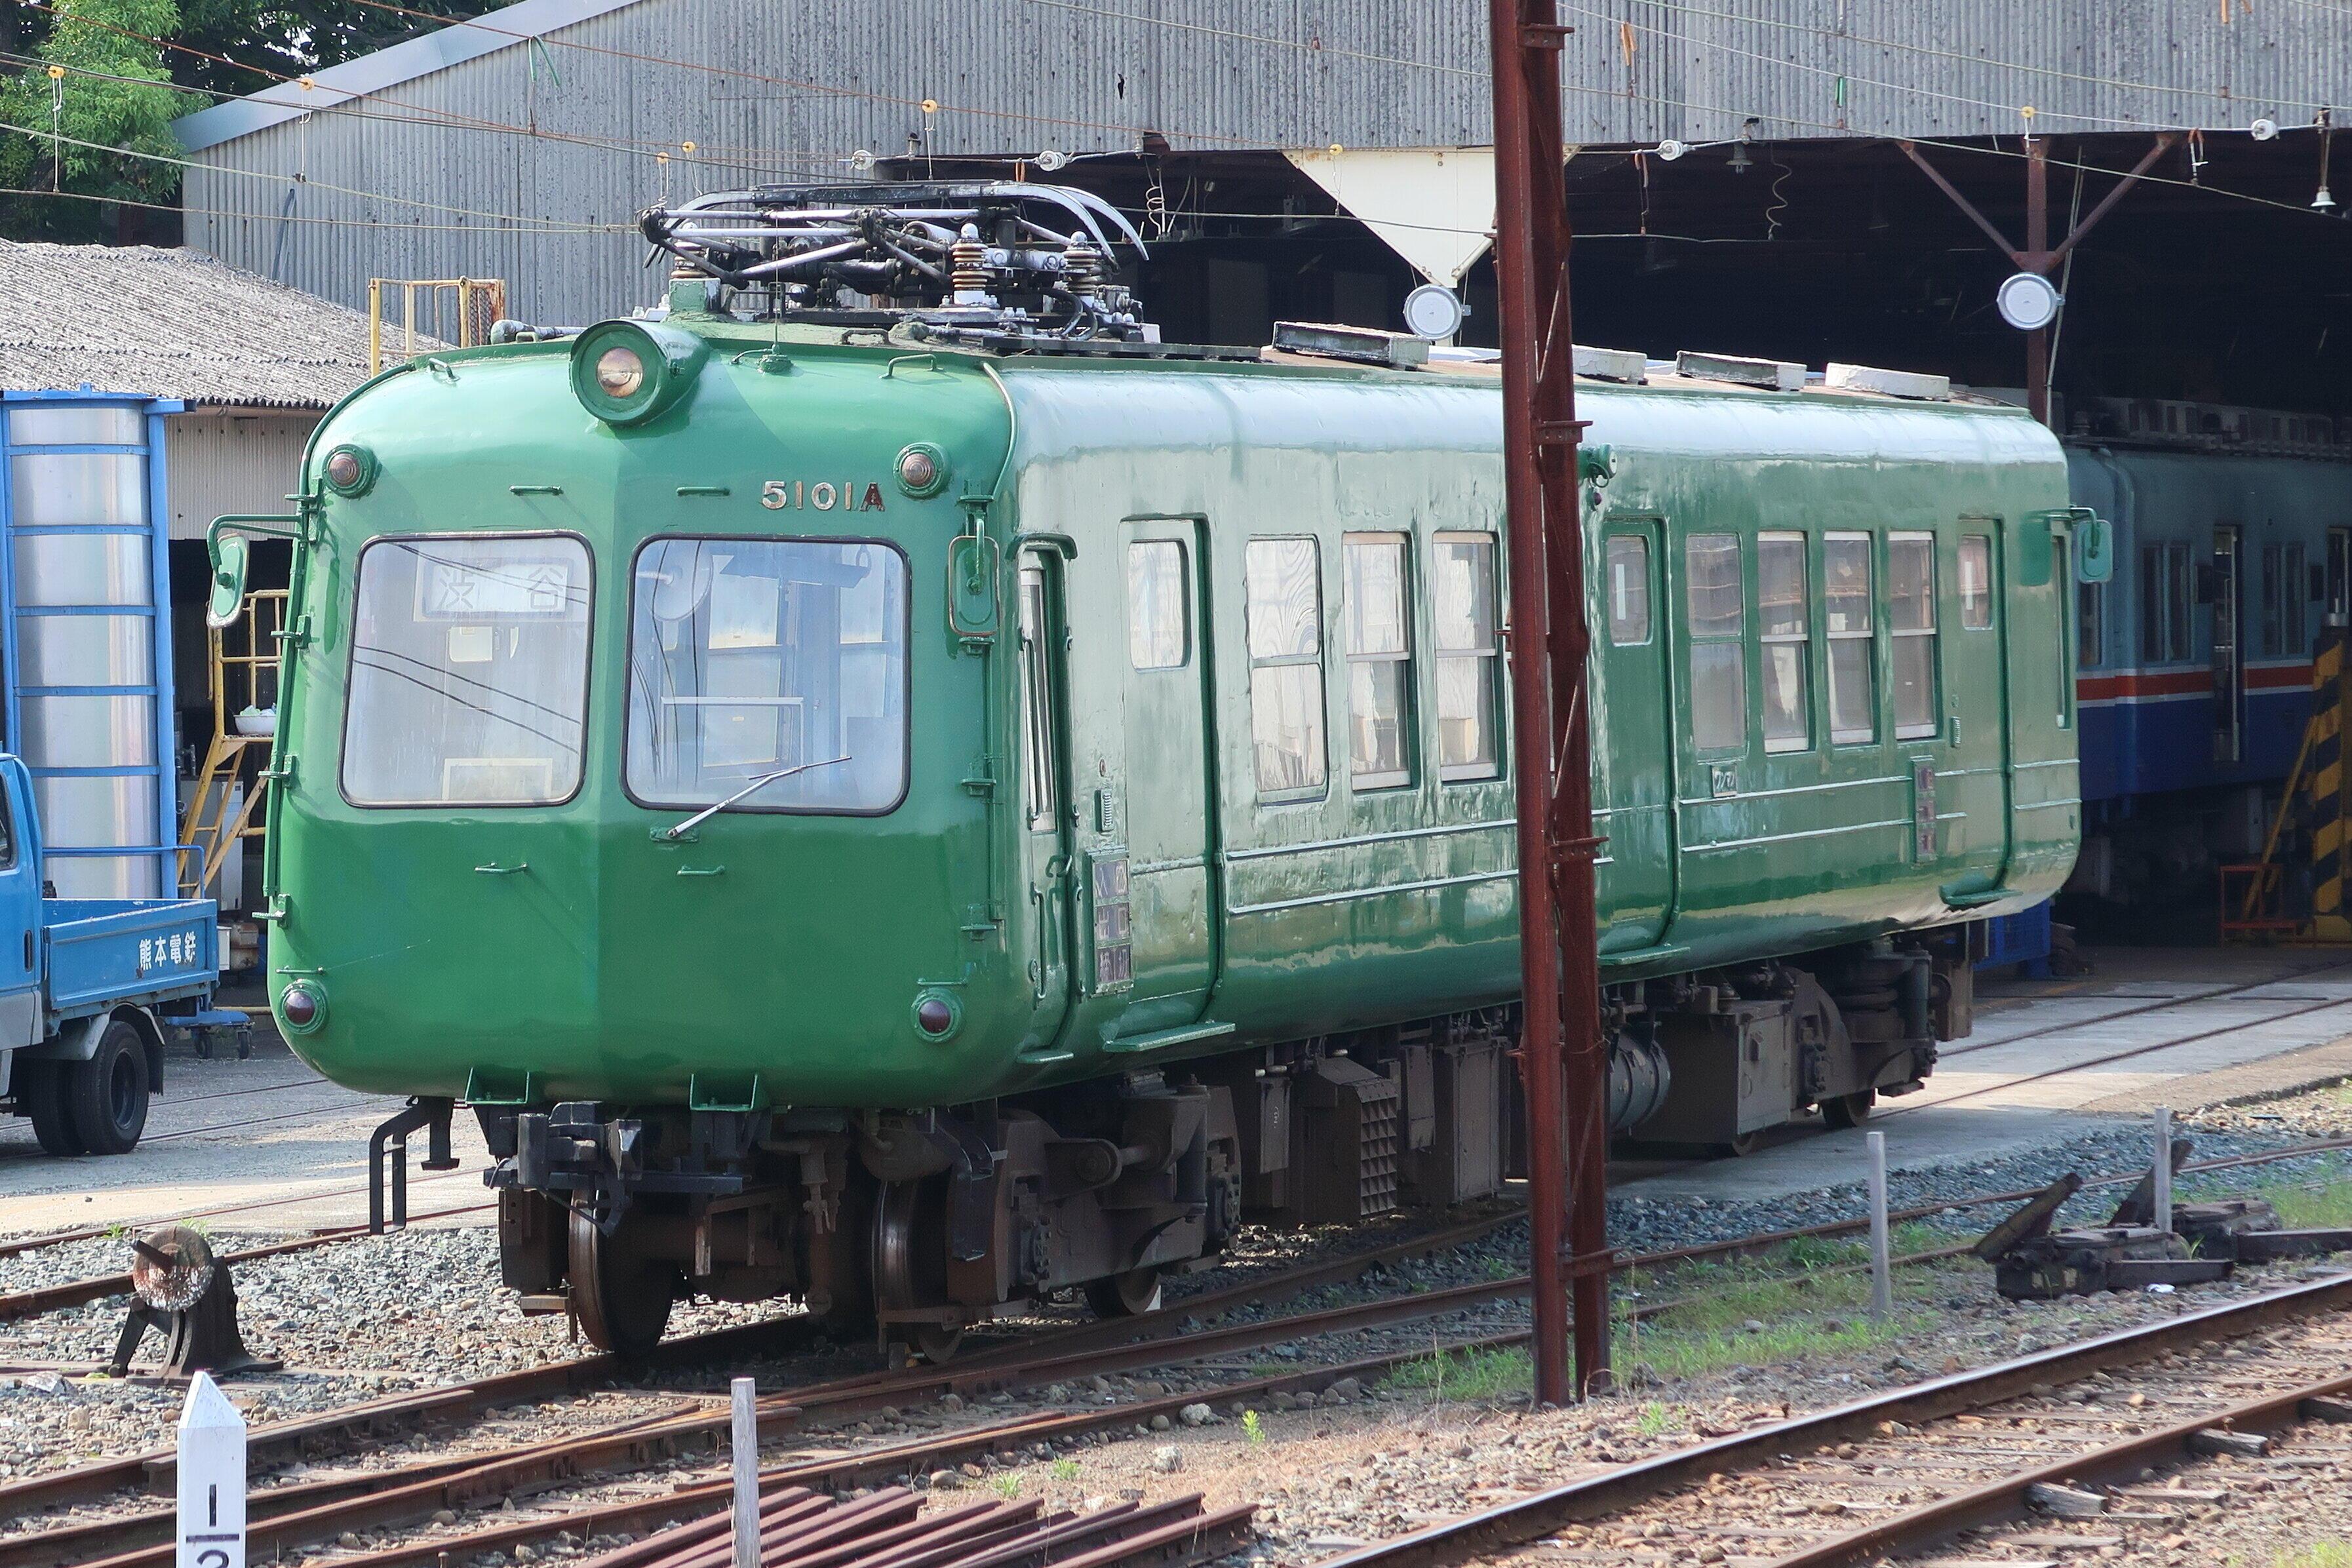 鉄道車両「青ガエル」渋谷に別れ 半世紀の現役生活、現場でコツコツ修理